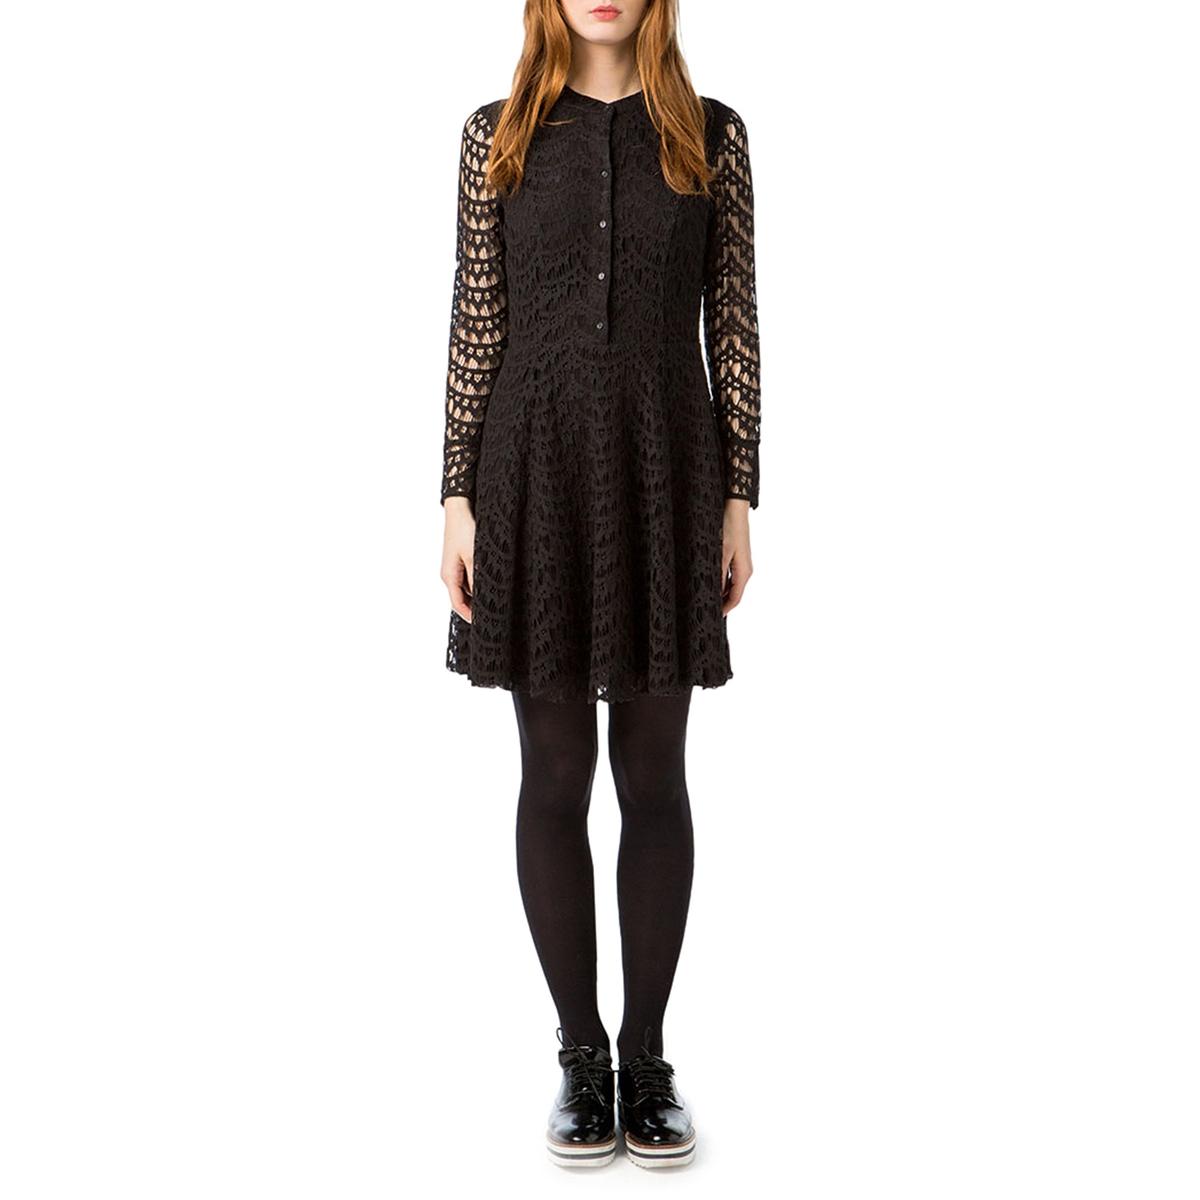 где купить Платье однотонное короткого и расклешенного покроя с длинными рукавами по лучшей цене